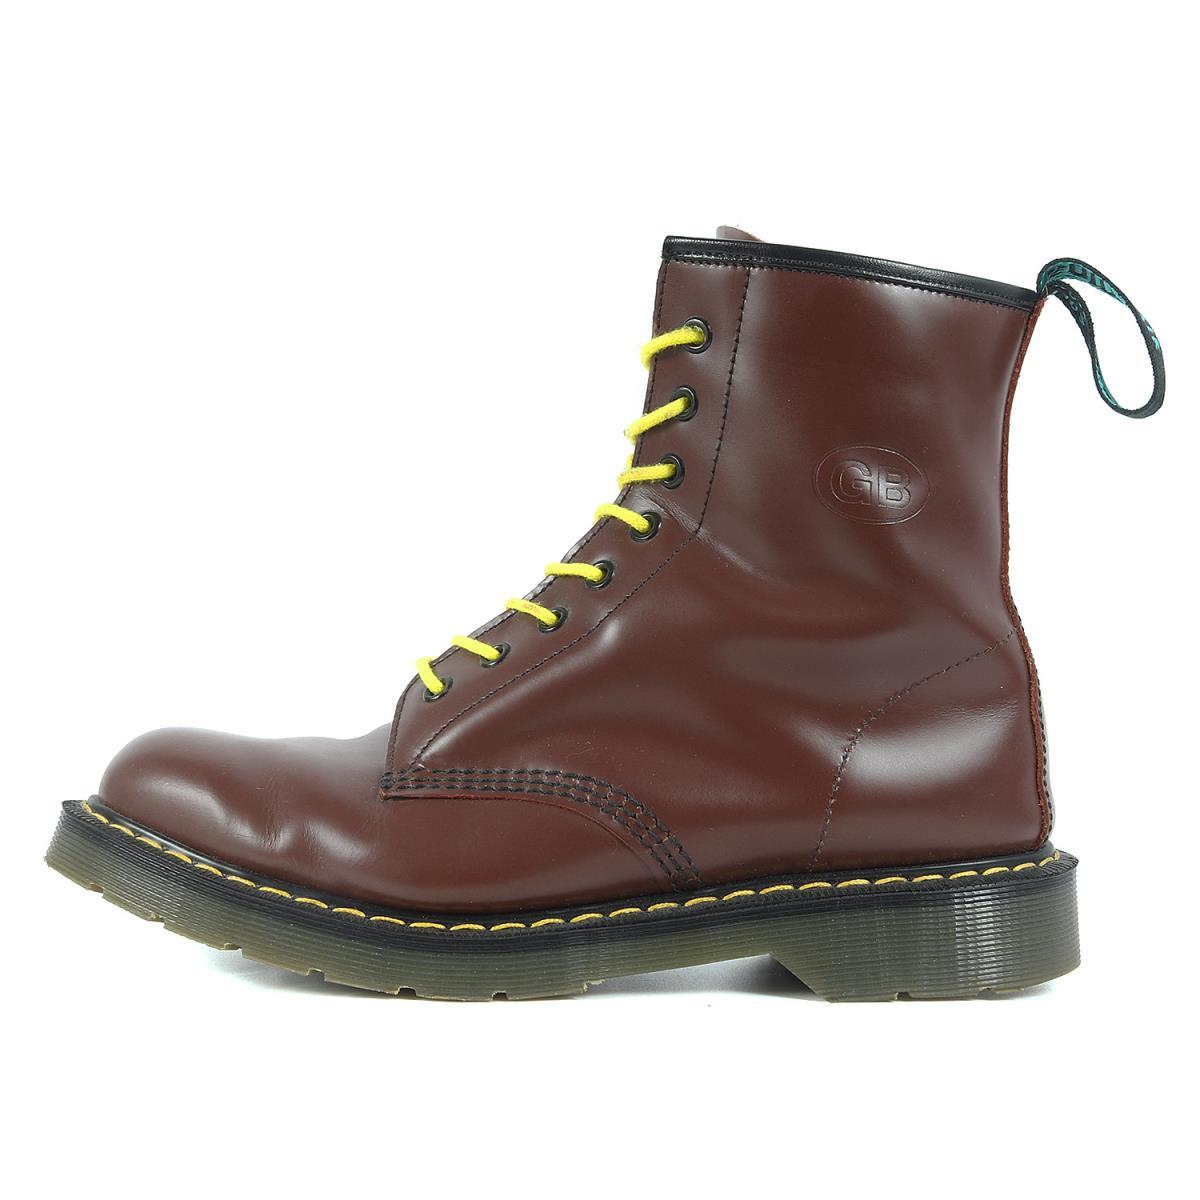 GB SKINS ジービースキンズ ブーツ SOLOVAIR 8ホール レザー ブーツ バーガンディー UK9 28 【メンズ】【中古】【美品】【K2594】